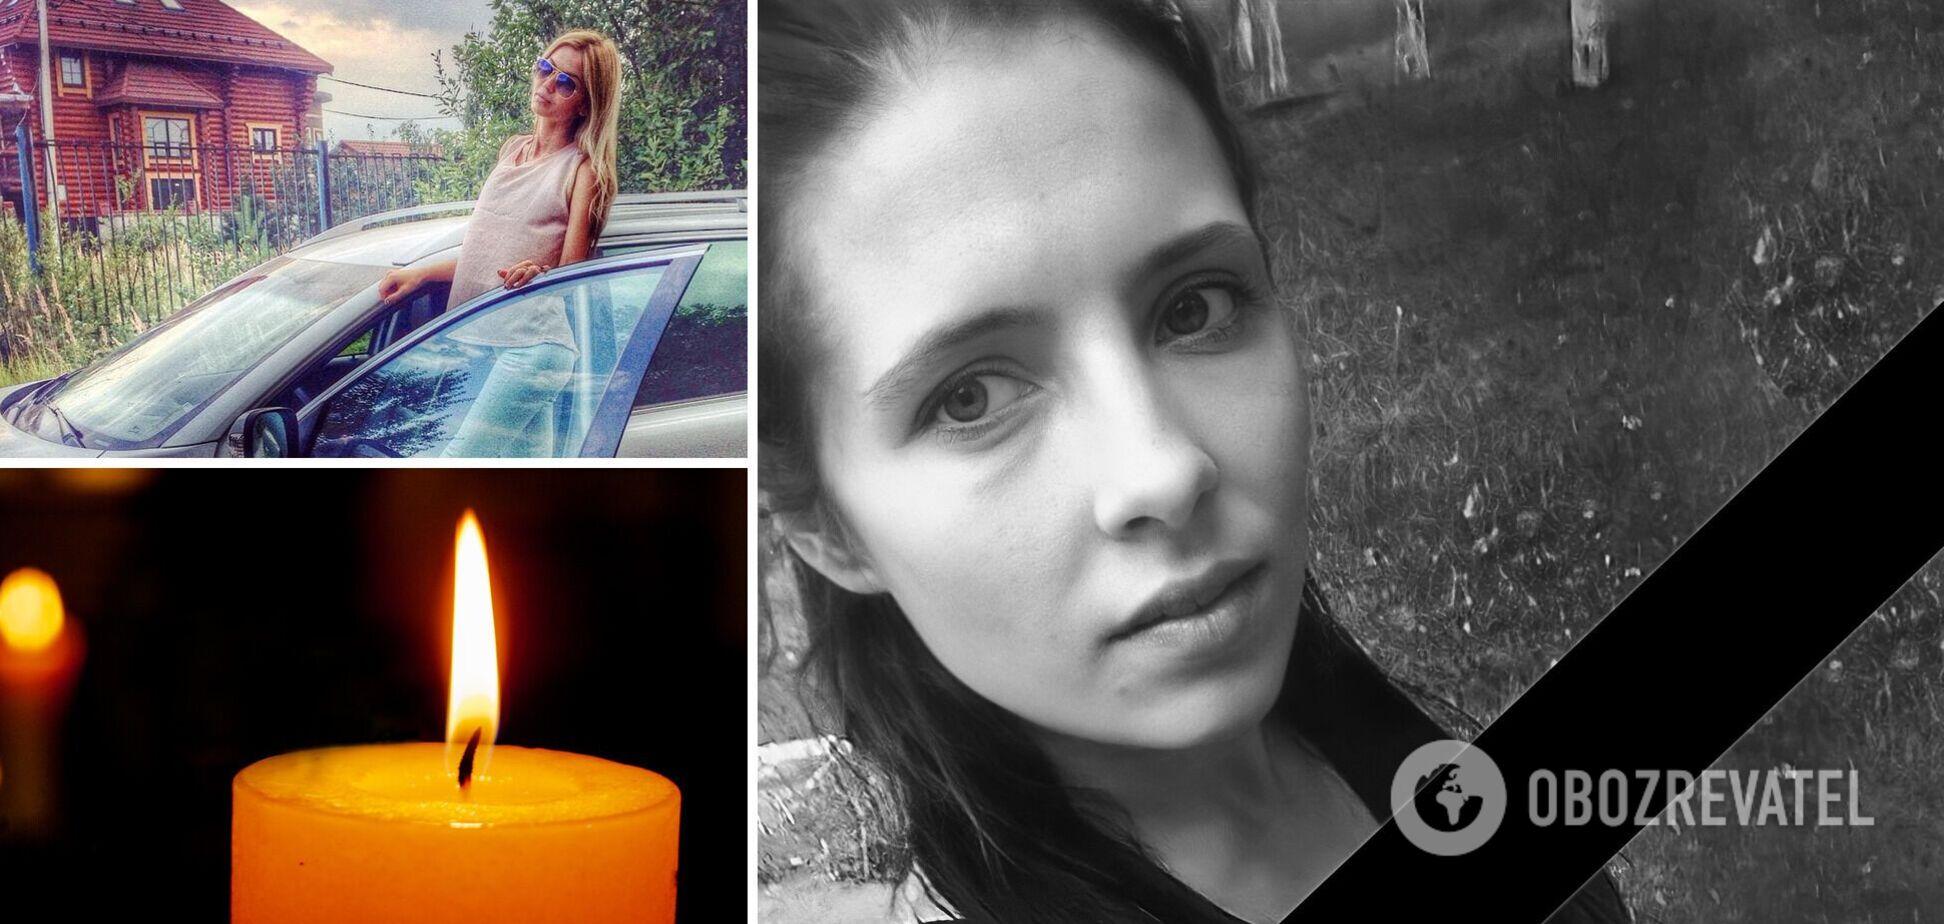 Вел сына в 1-й класс, когда сообщили о смерти жены: подробности гибели матери троих детей на Кировоградщине